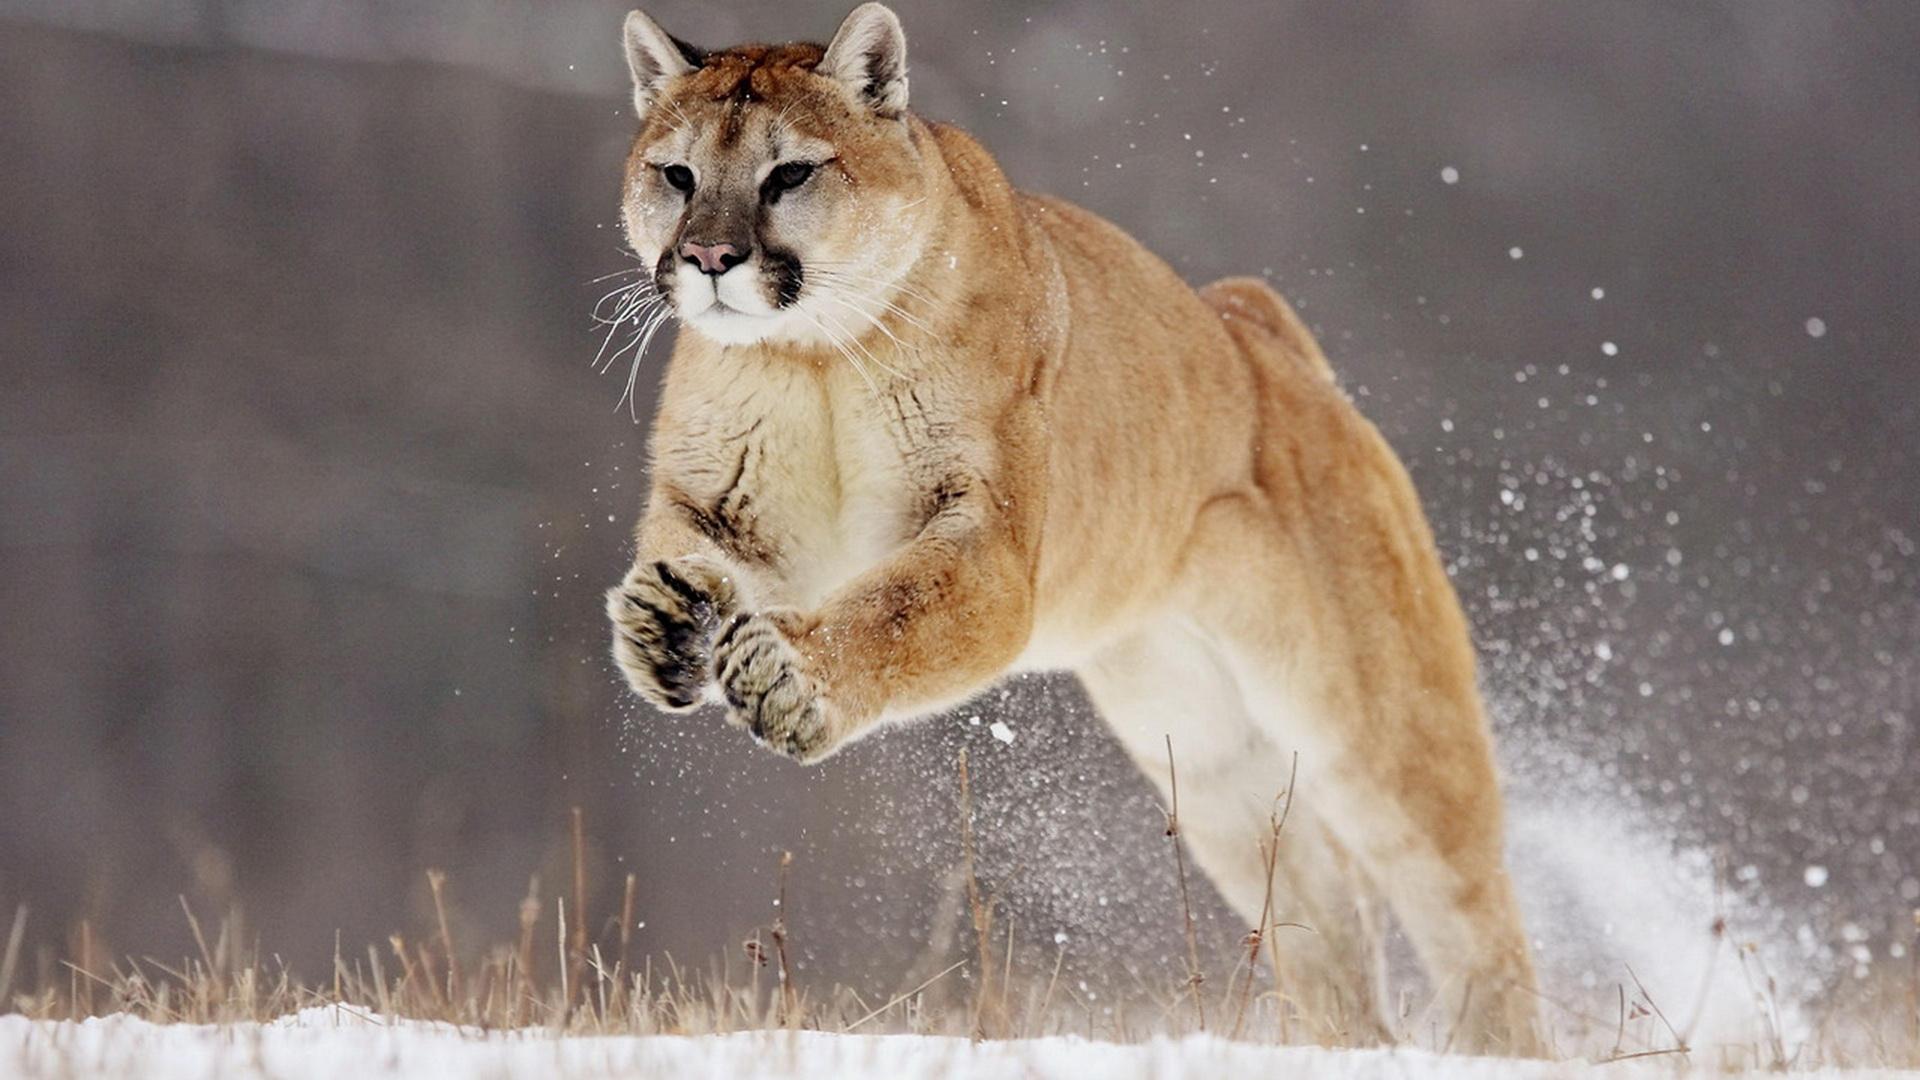 动物世界-狮虎豹05(1920x1080)壁纸